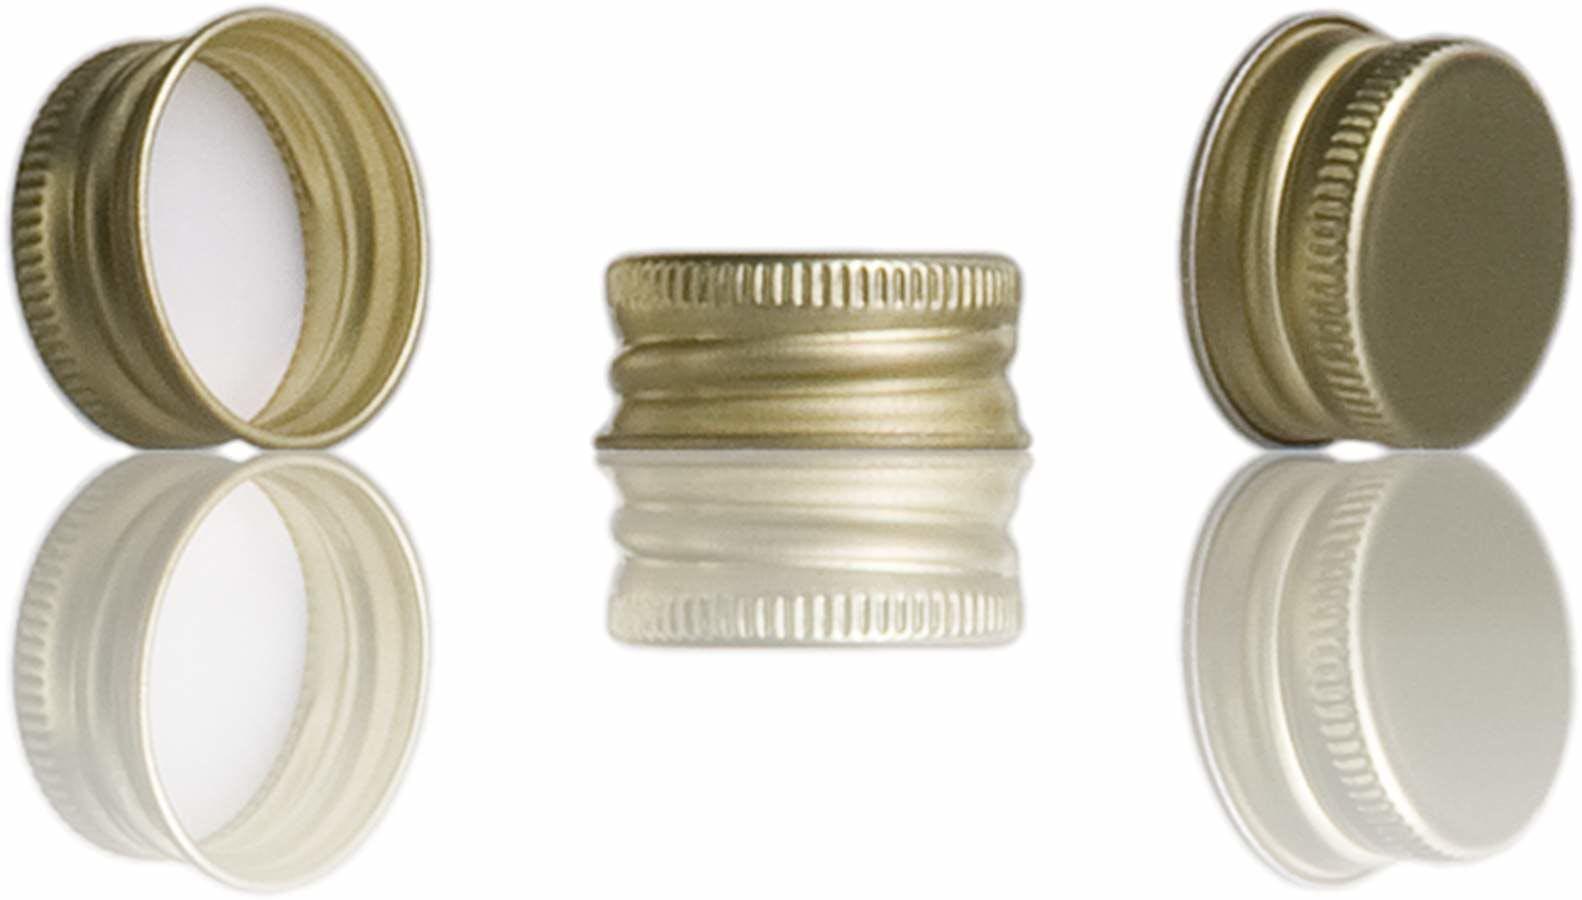 Rolha miniatura 16 17 oro rosca Sistemas de fecho Rolhas